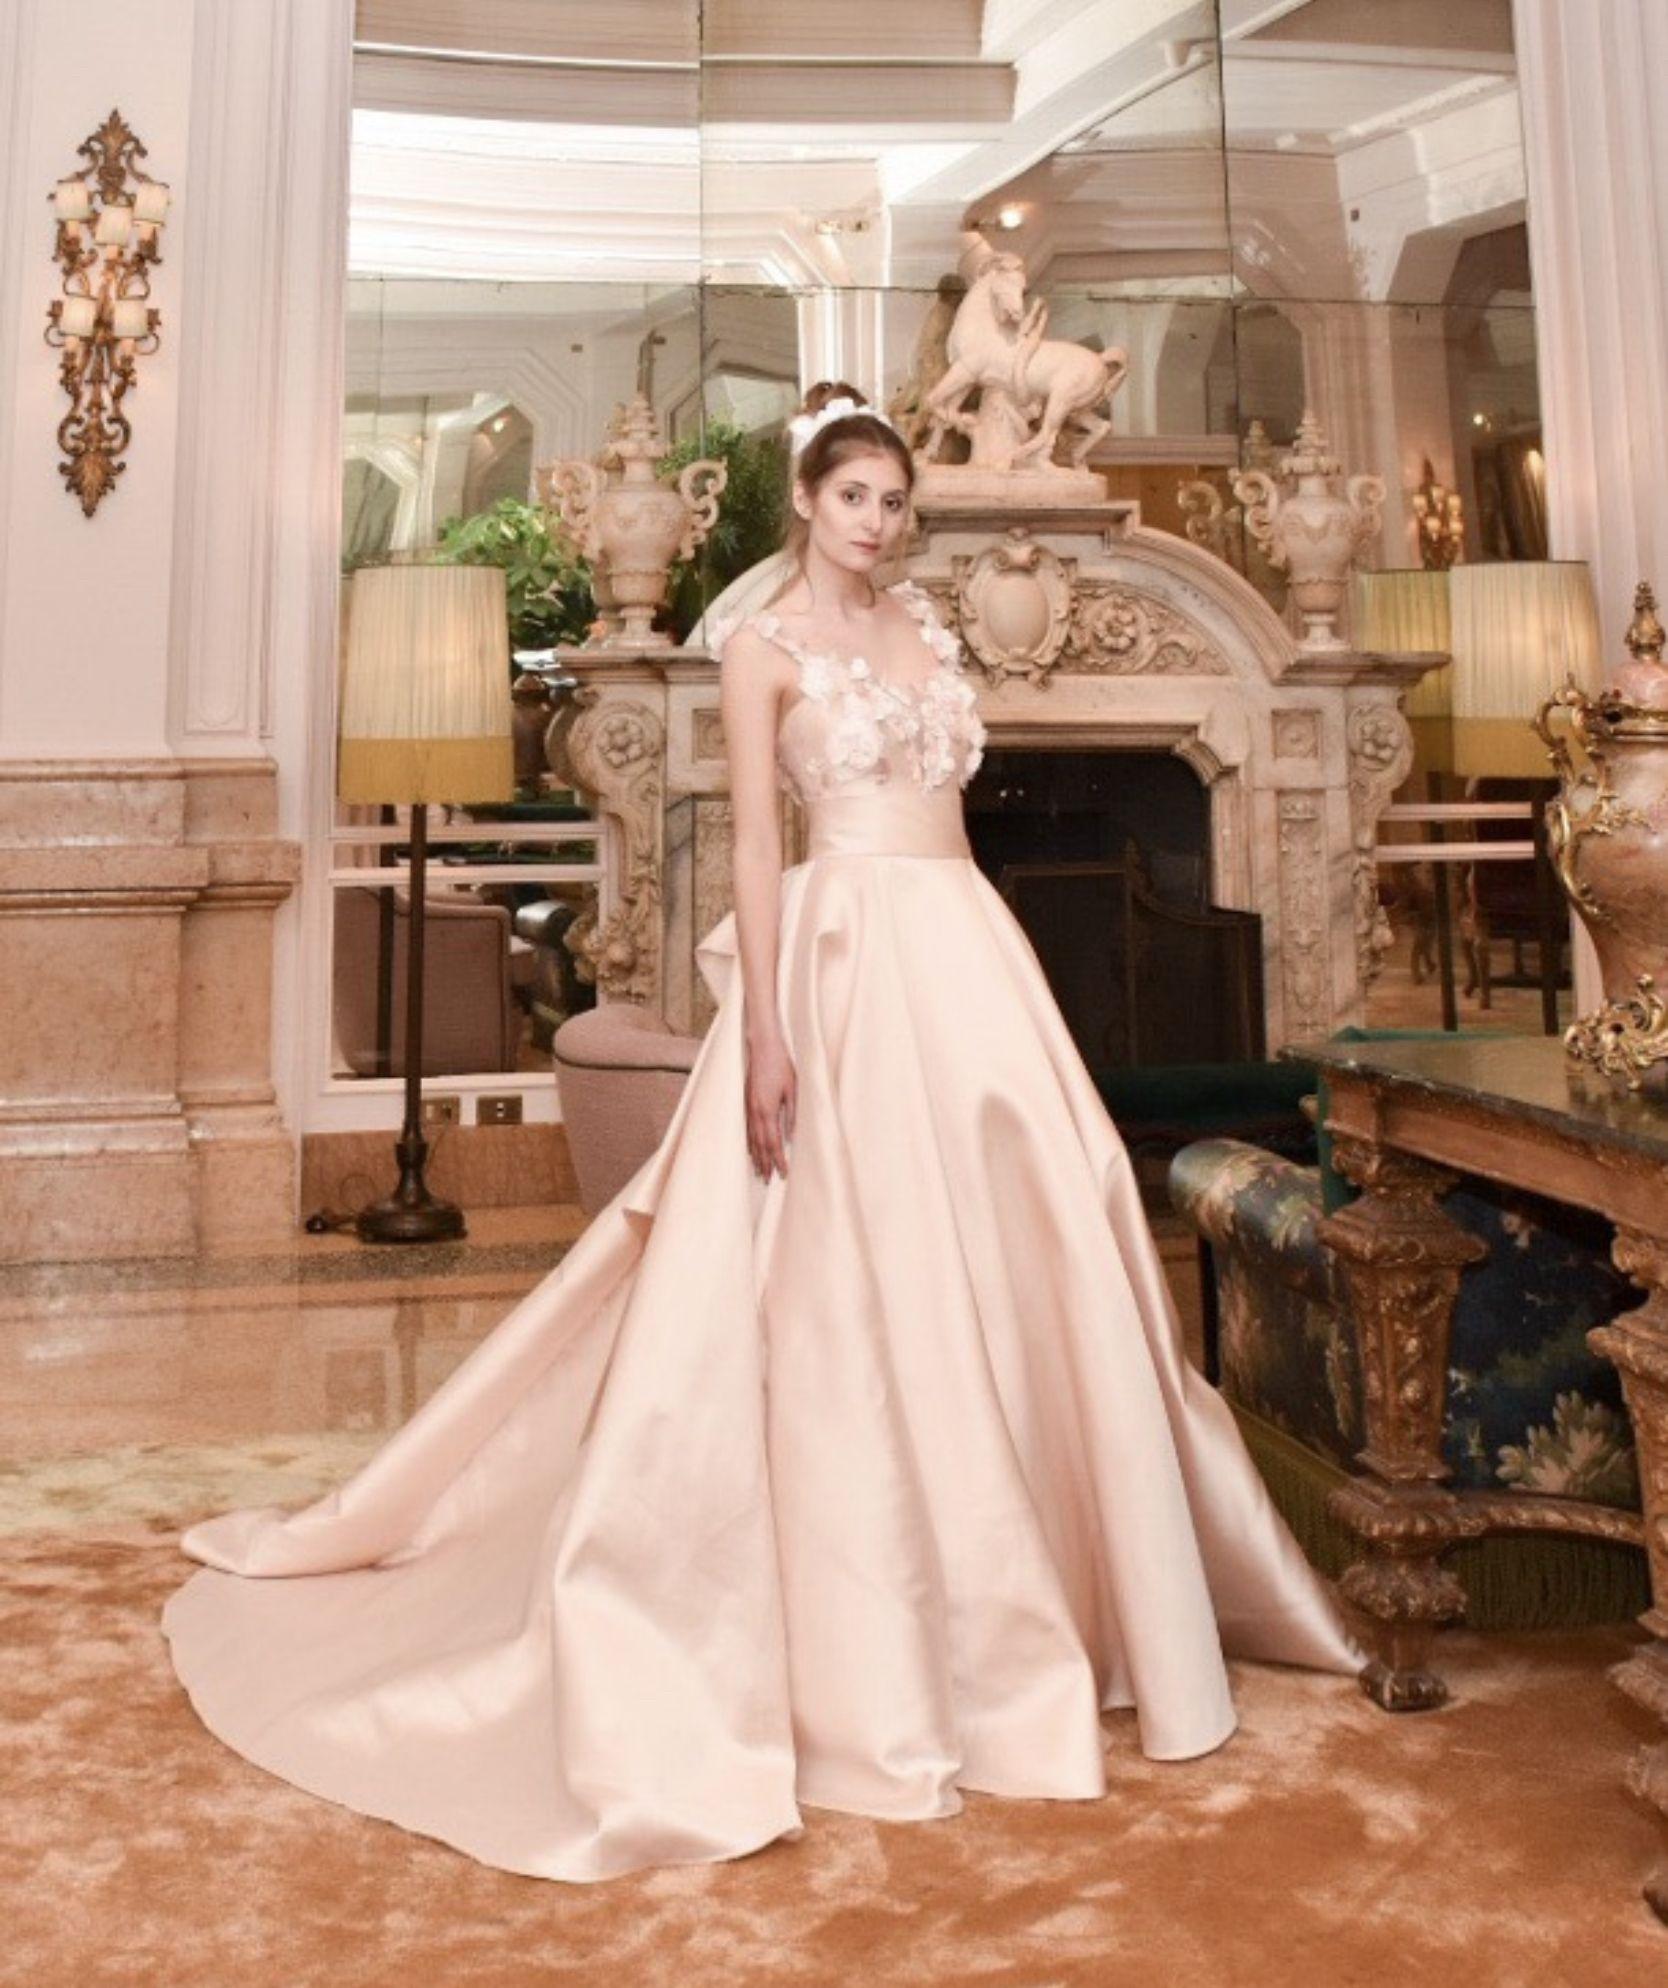 fb93ce1c96 Oggi parliamo del bellissimo Abito da Sposa modello 1907 della Collezione  Sposa 2020 creata dallo Stilista